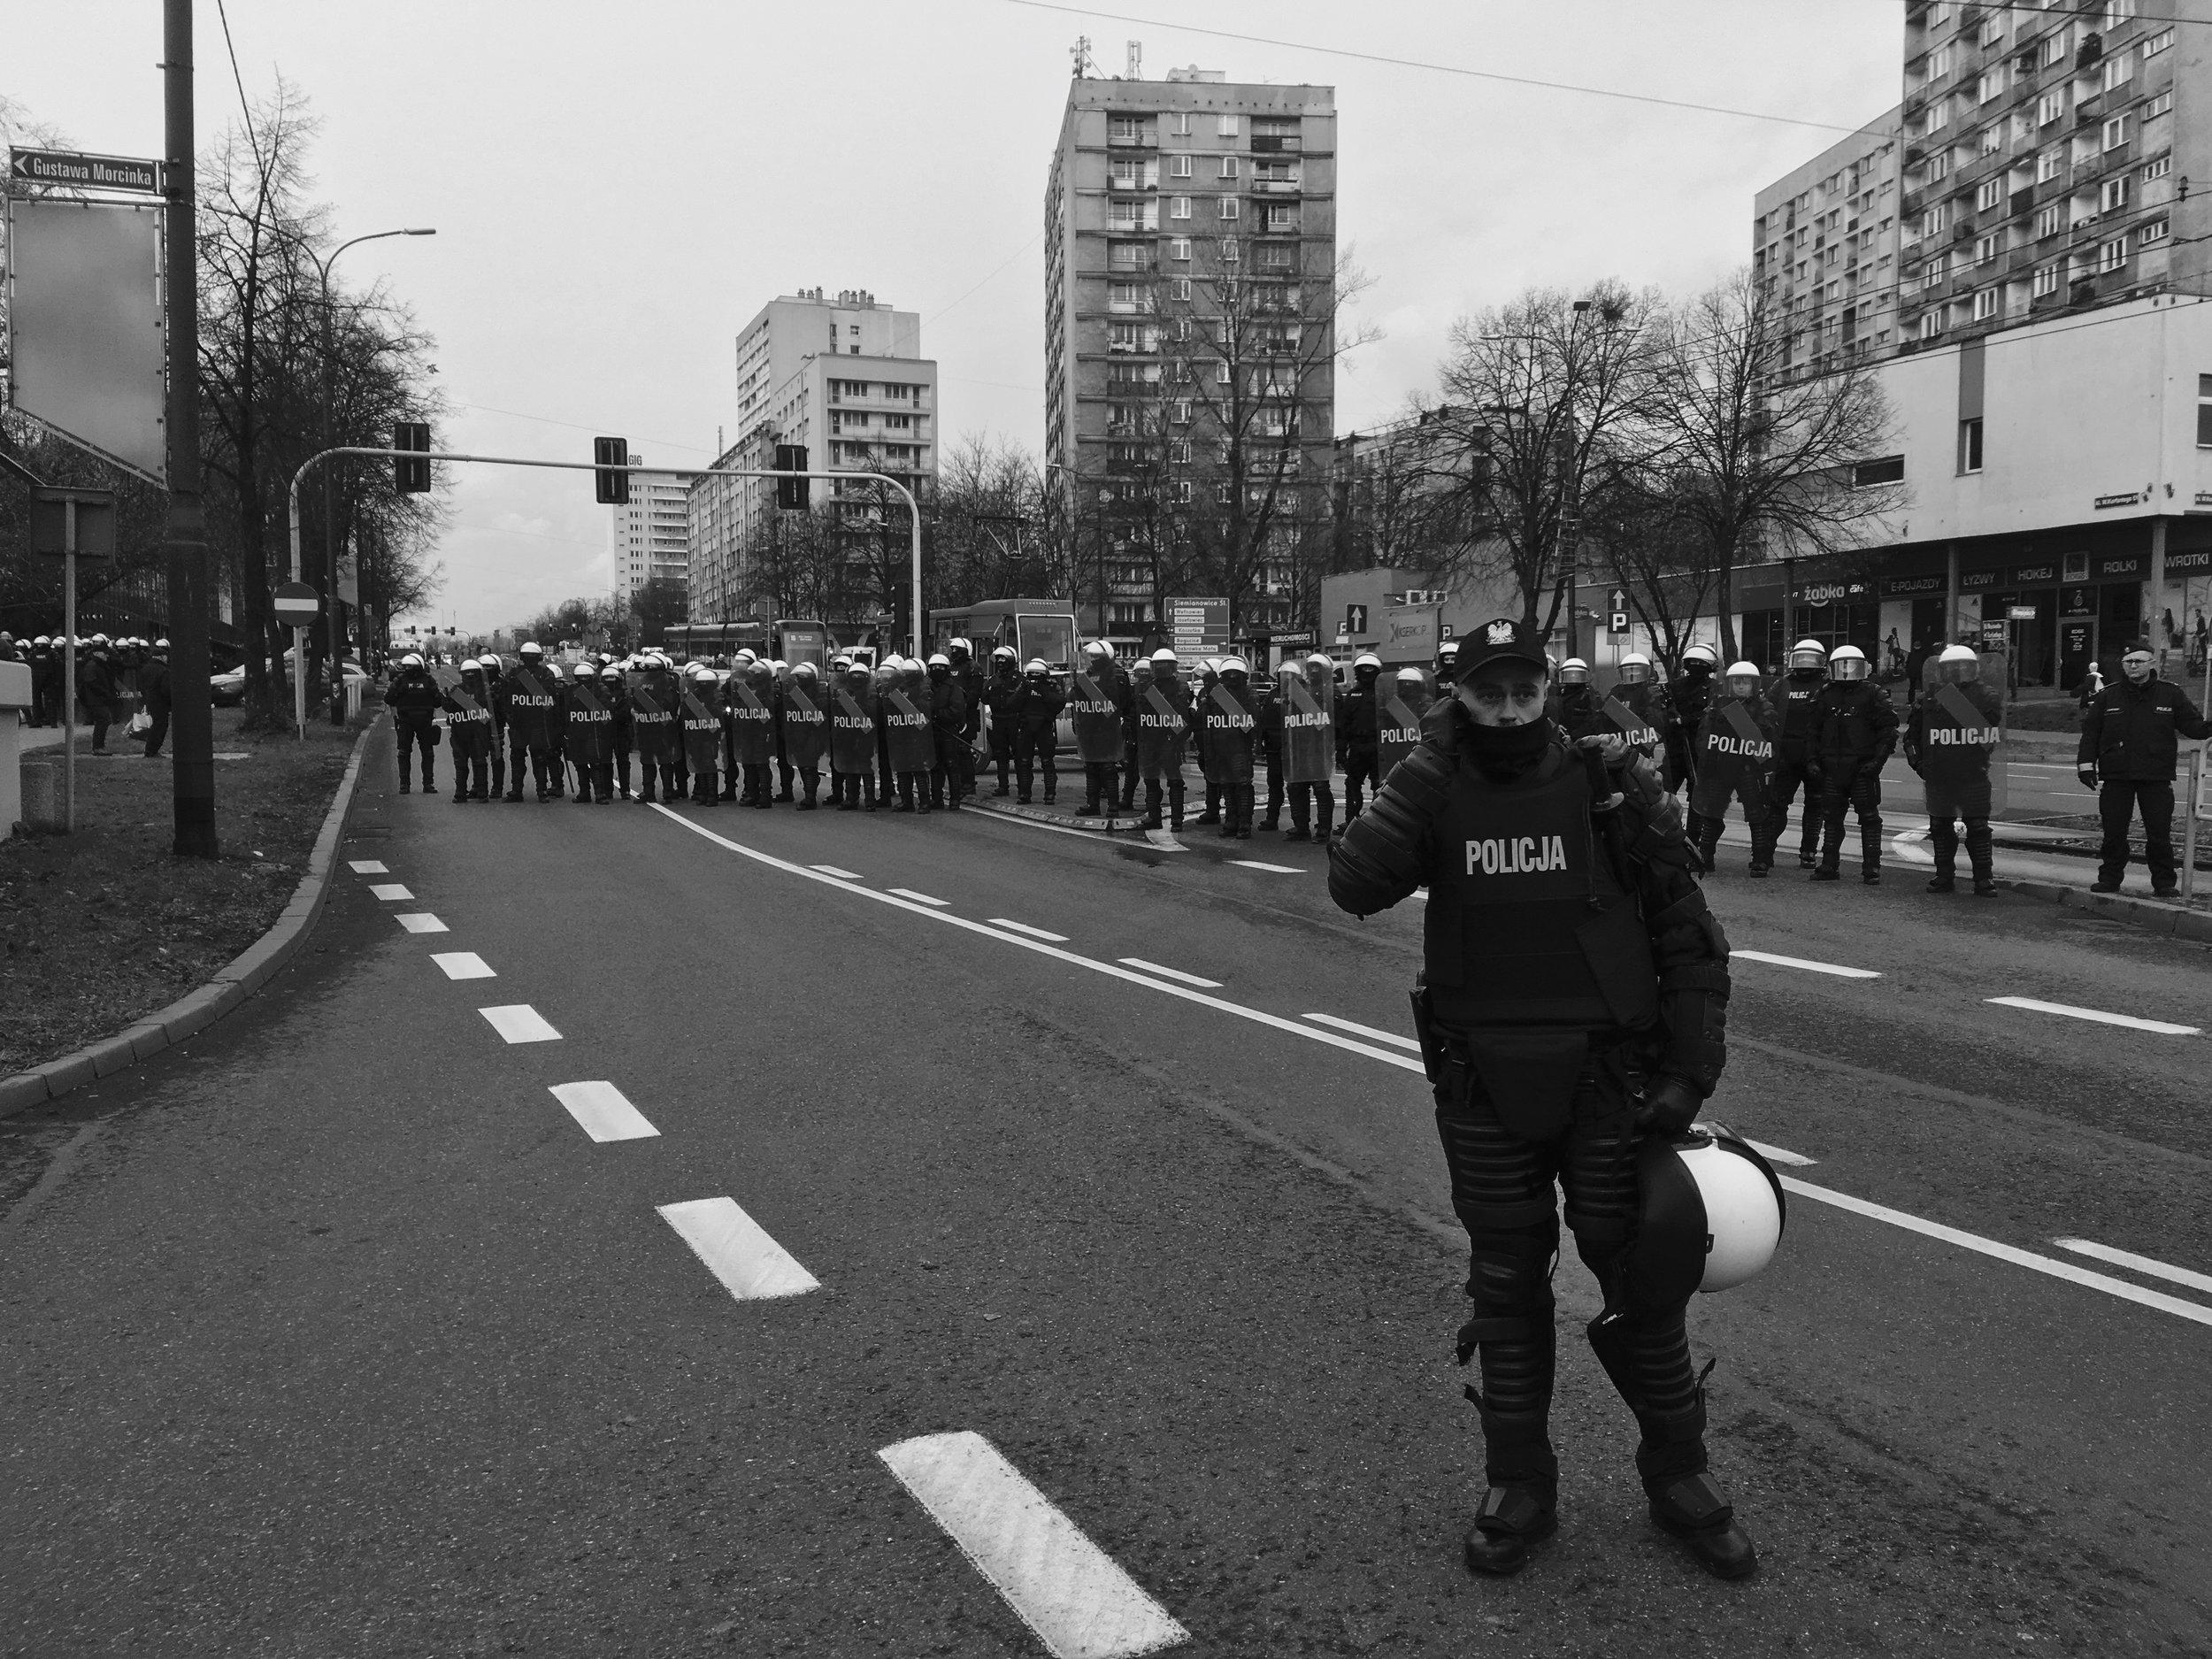 La police anti-émeute sur la route menant au centre de conférence abritant les négociations de la COP24 lors de la marche pour la justice climatique, le 8 décembre.